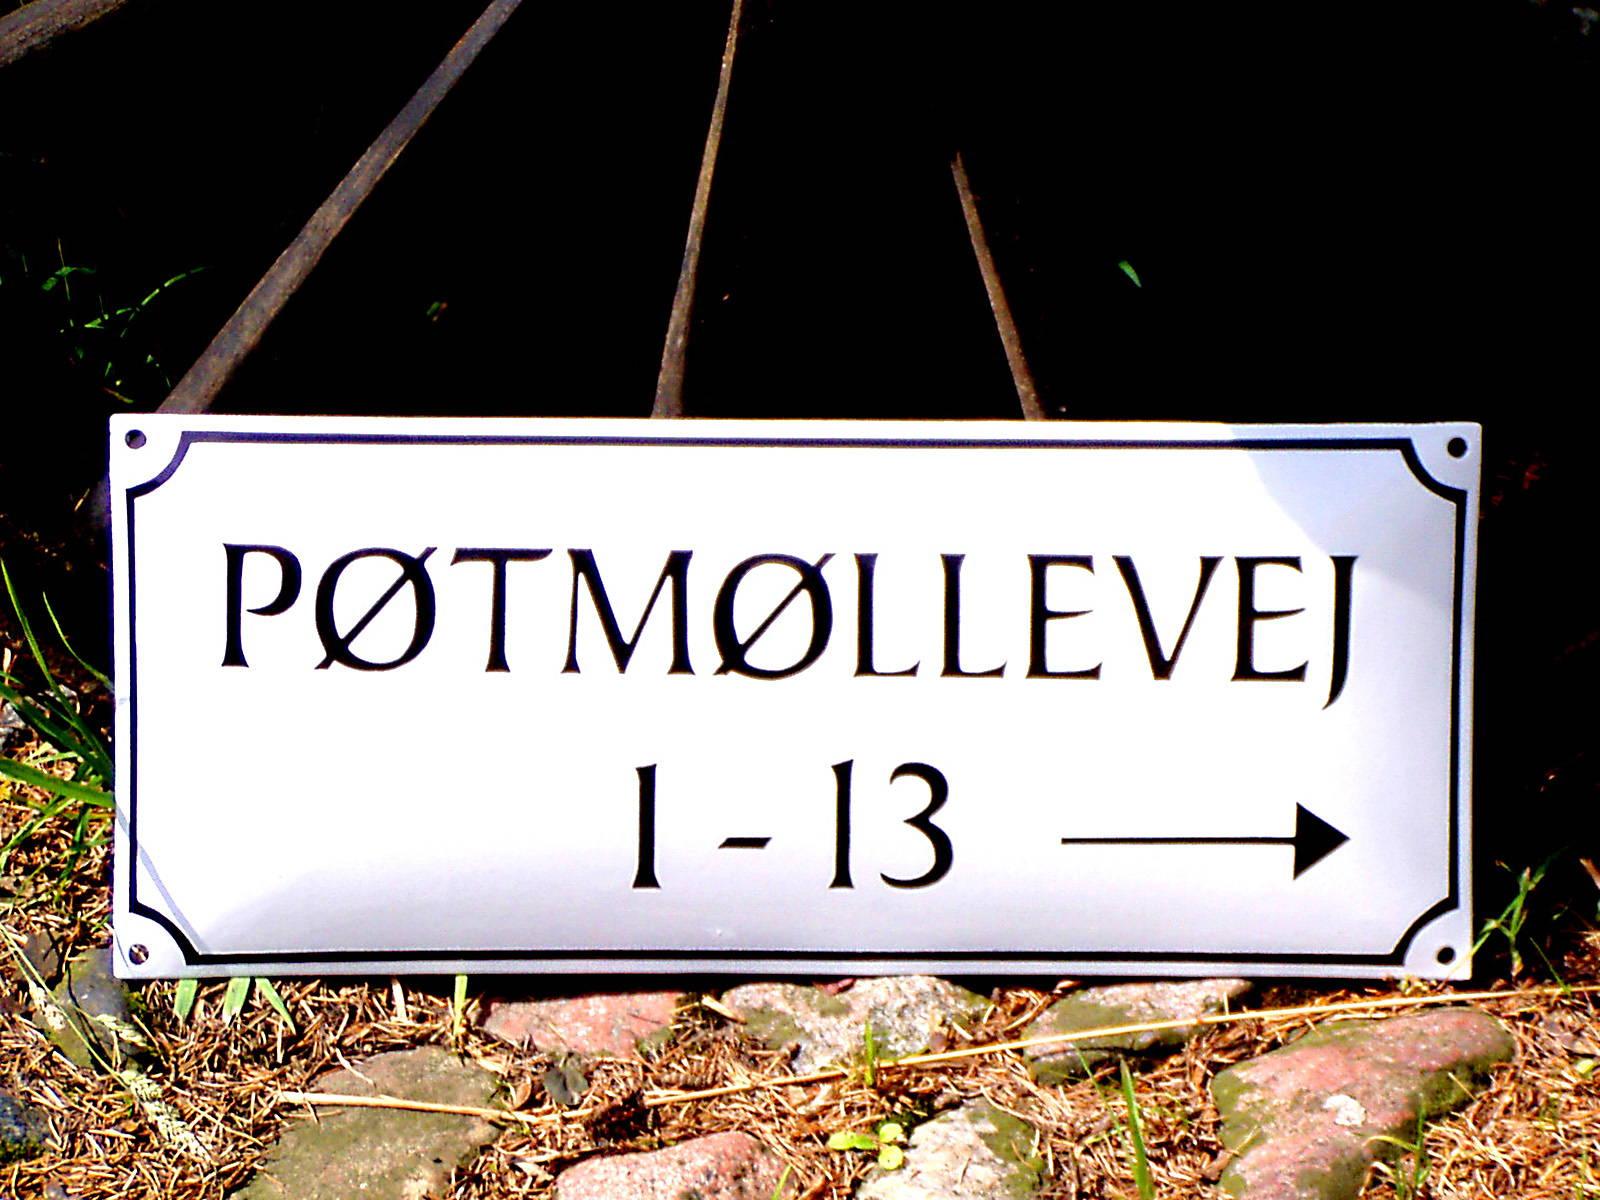 Poetmoellevej-res-web1600